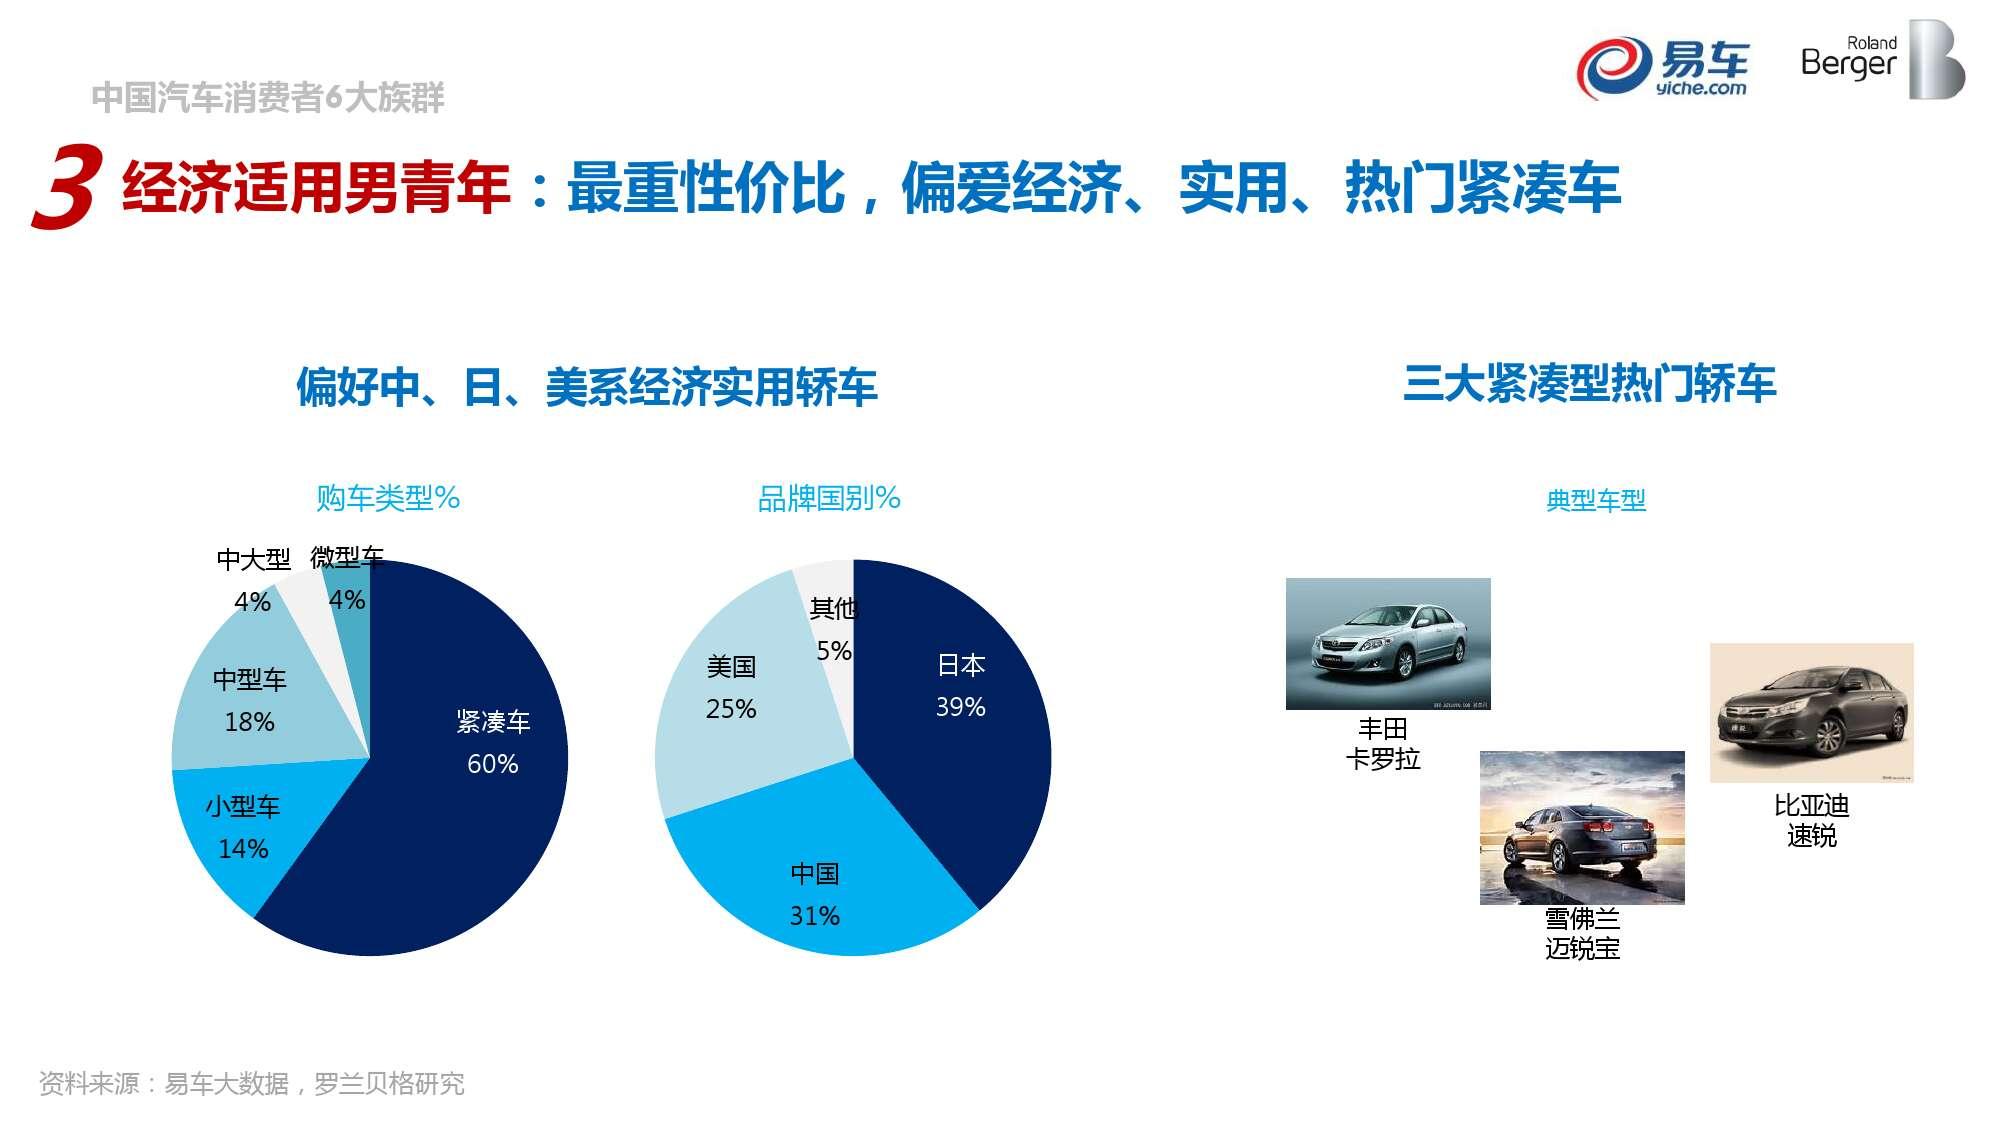 2015中国汽车消费者洞察报告_000040